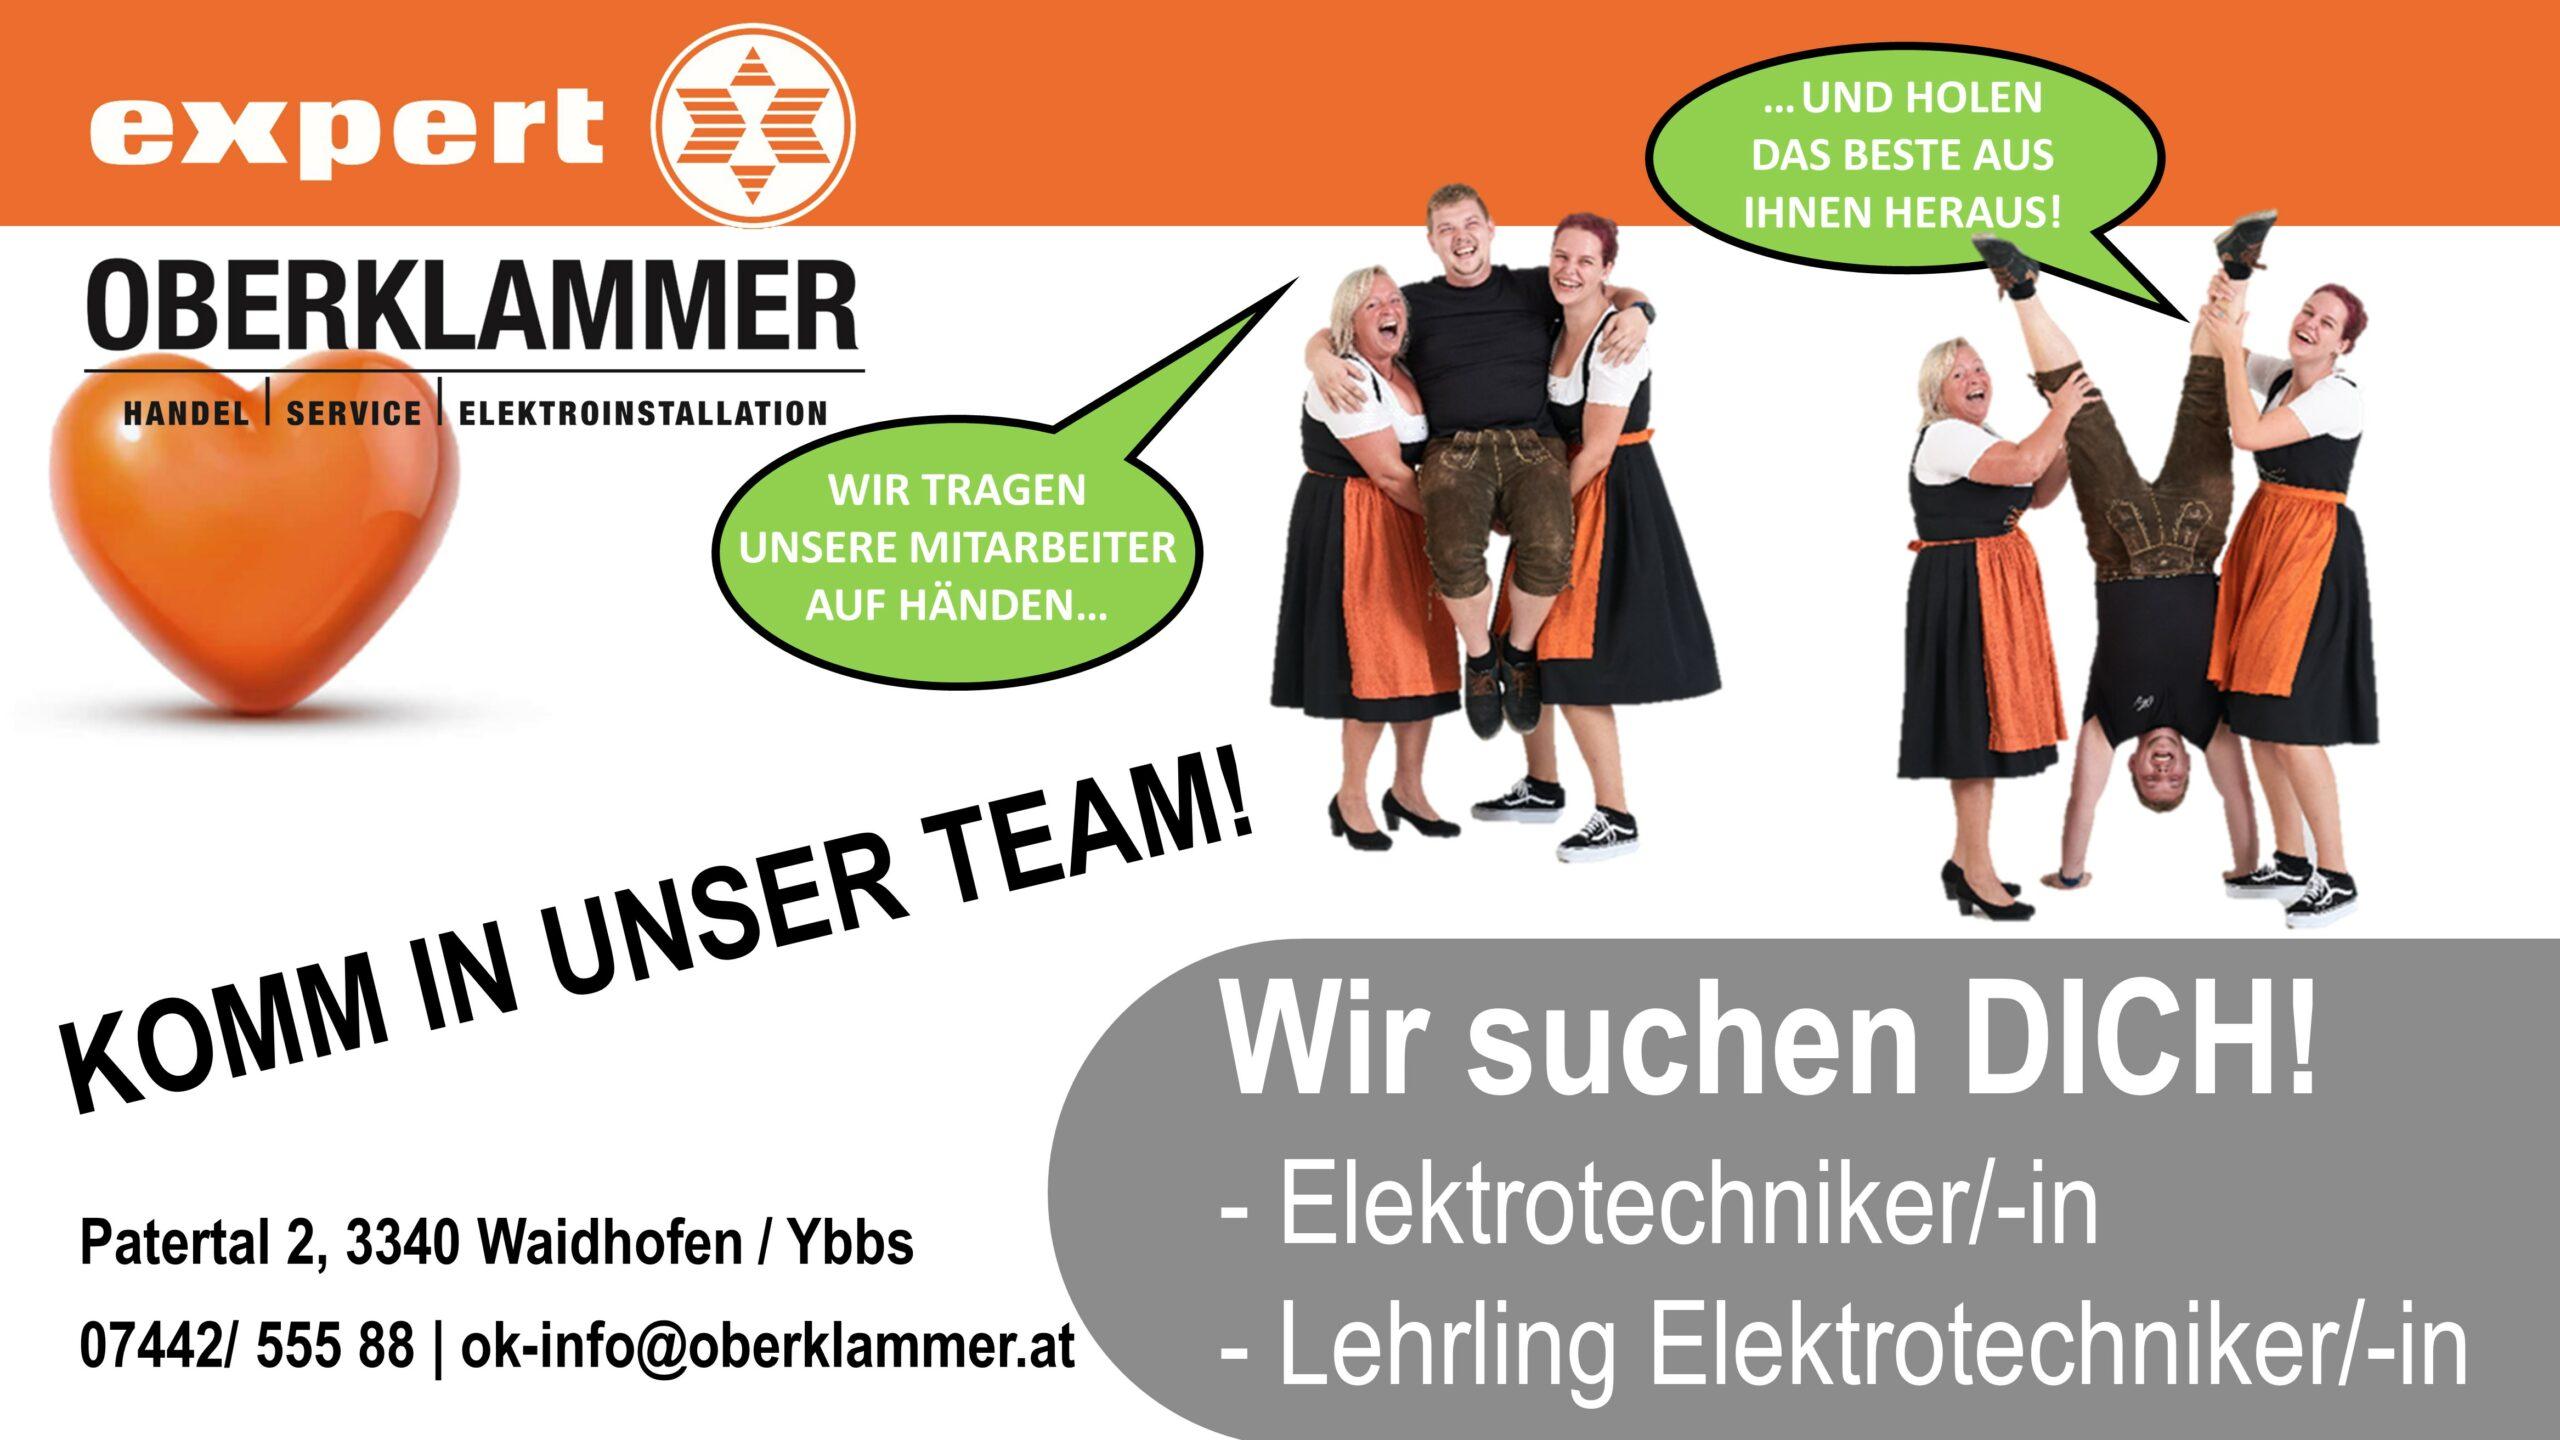 Jobinserat Elektrotechniker+Lehrling aktuell